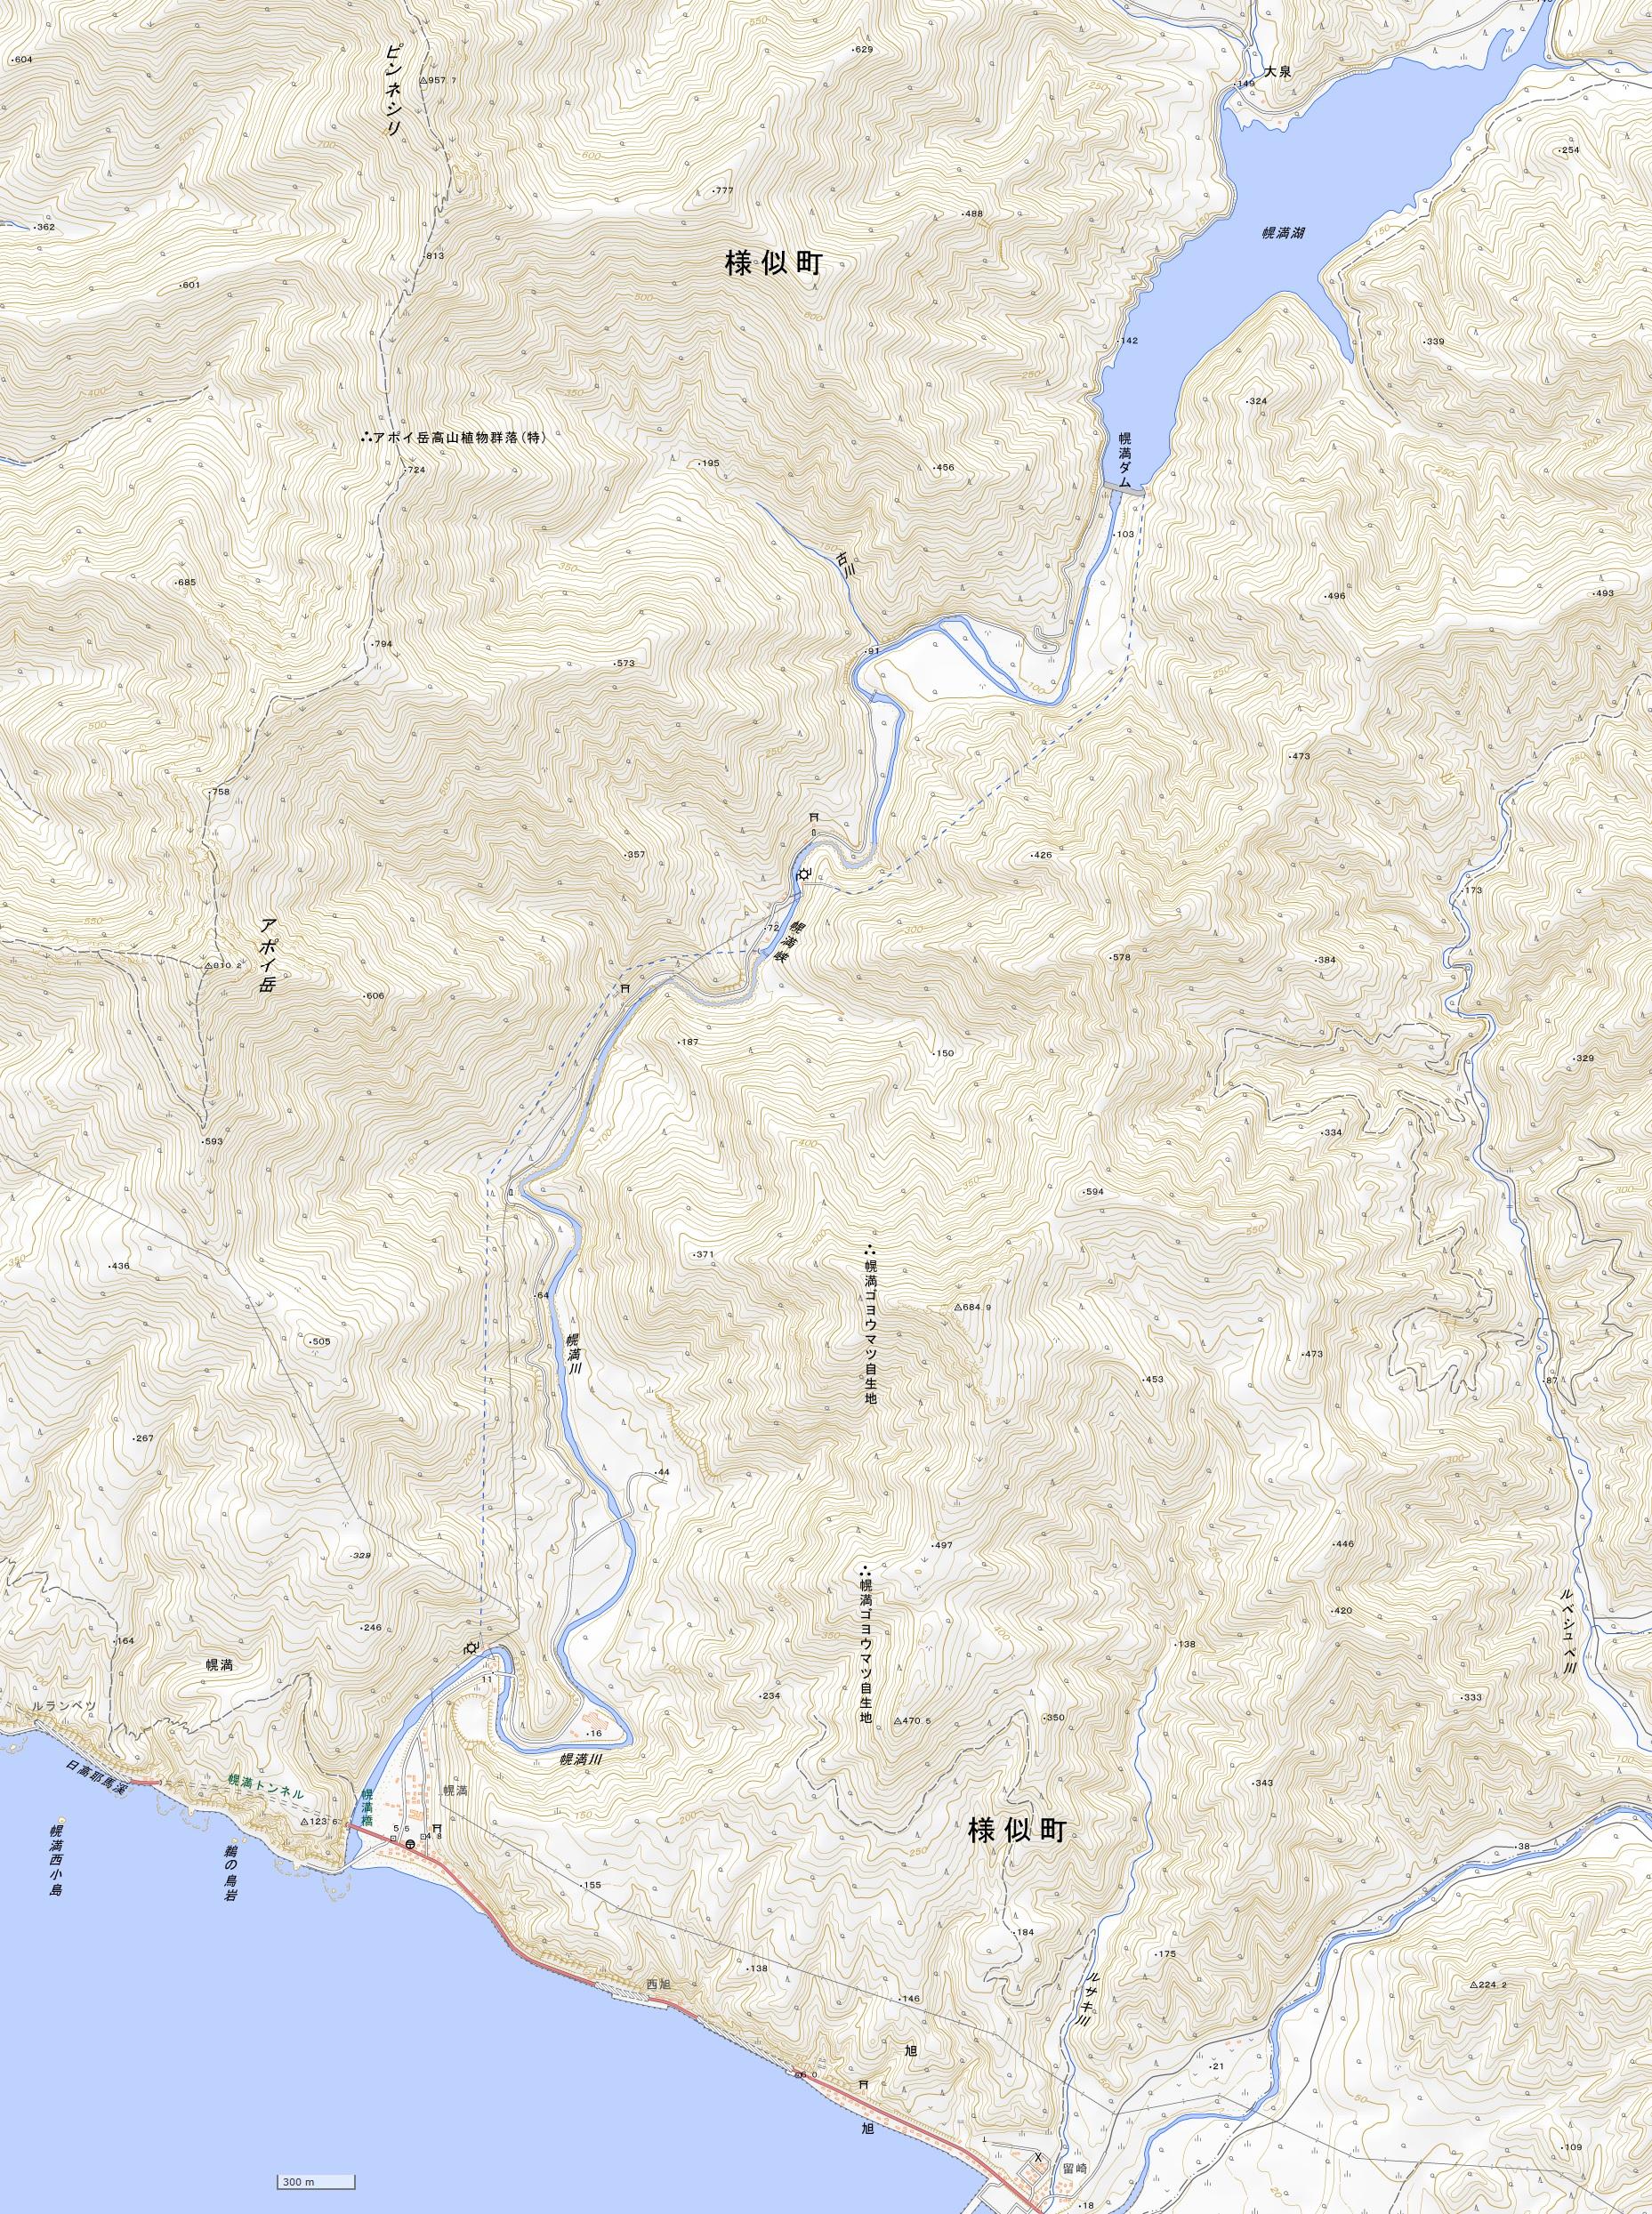 幌満ダム地図(国土地理院地図閲覧サービスより)